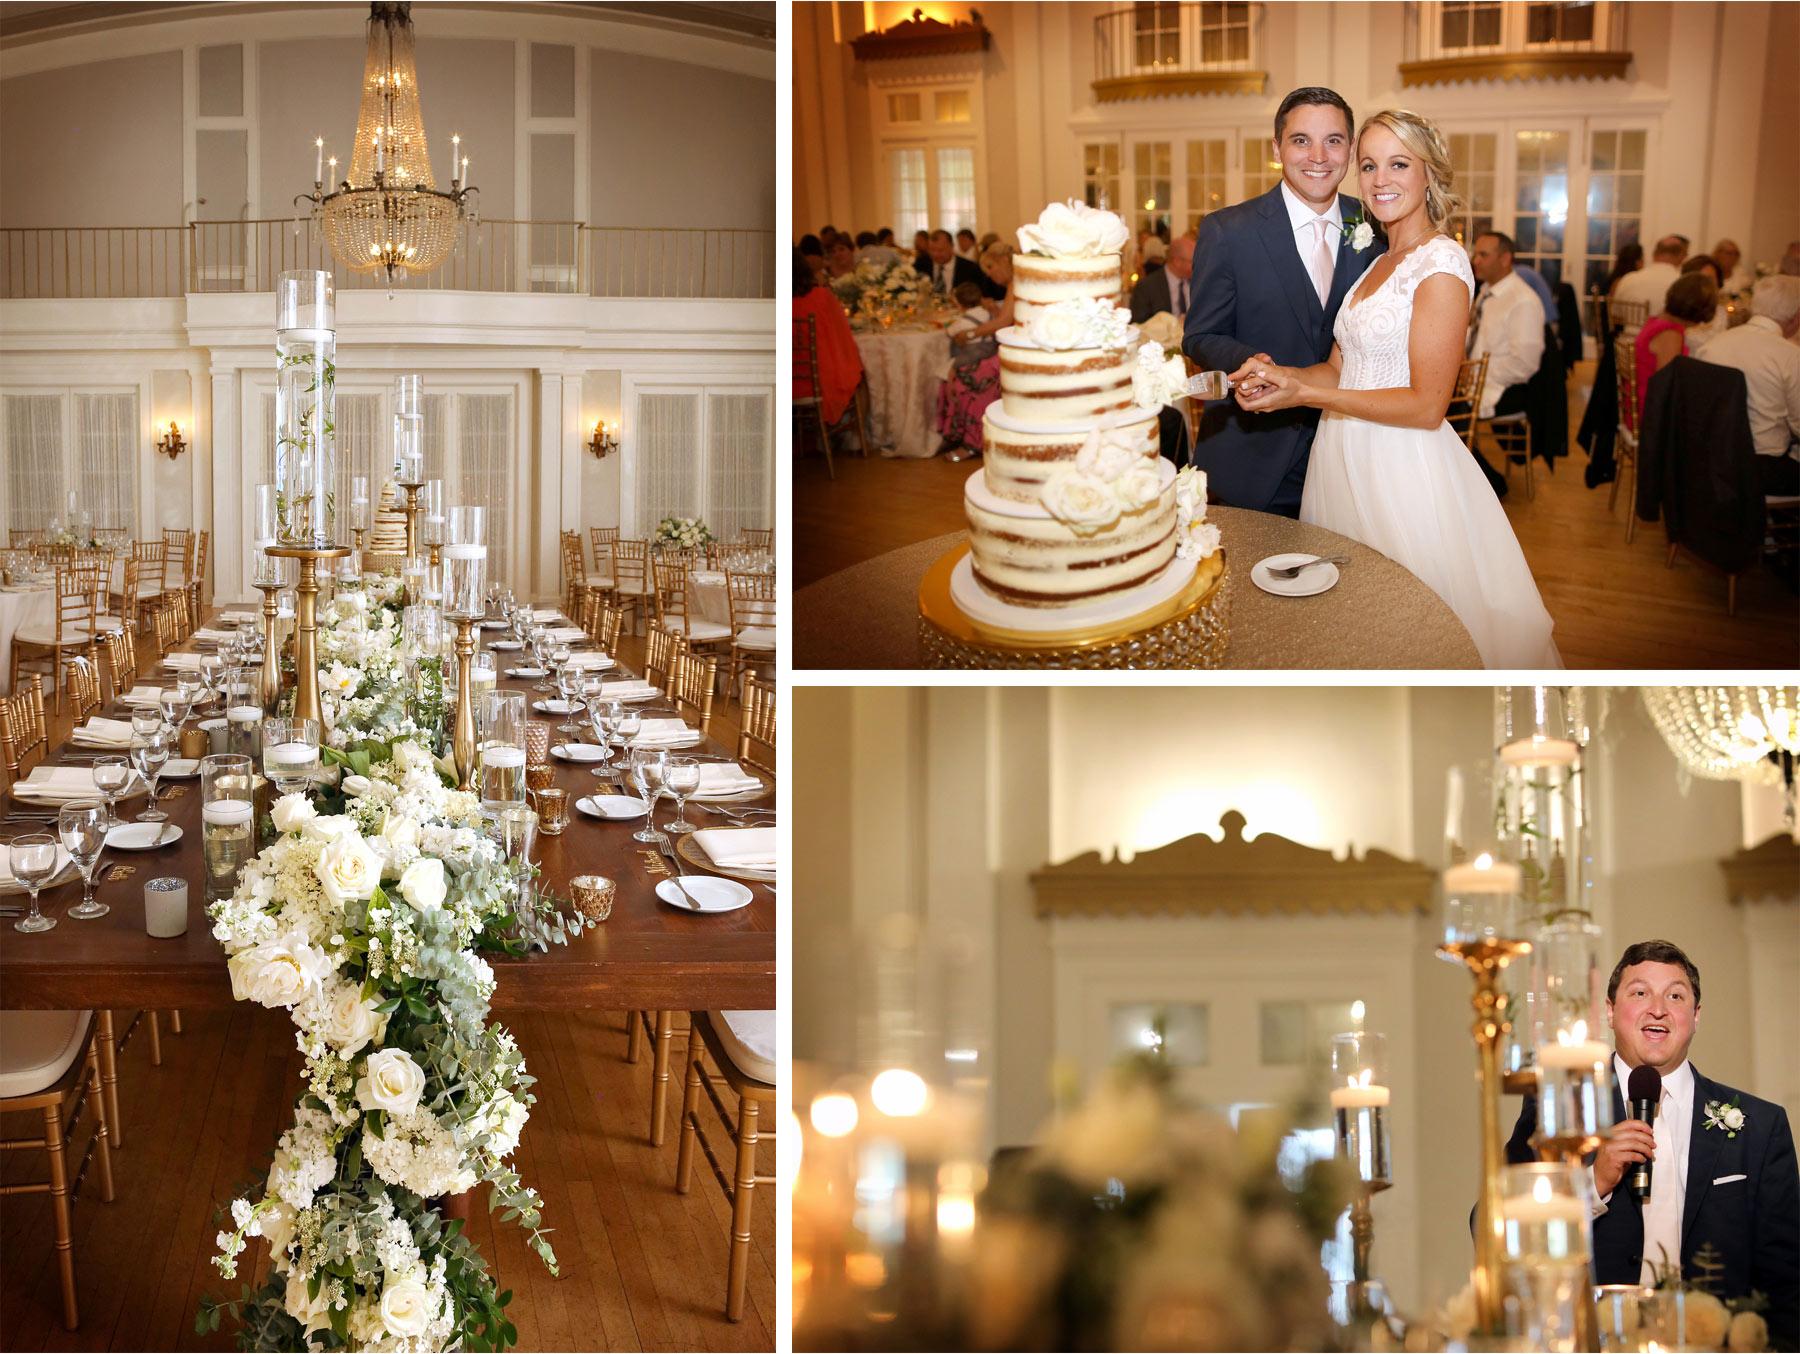 19-Minnetonka-Minnesota-Wedding-Photography-by-Vick-Photography-Lafayette-Club-Reception-Decor-Jennifer-and-Adam.jpg